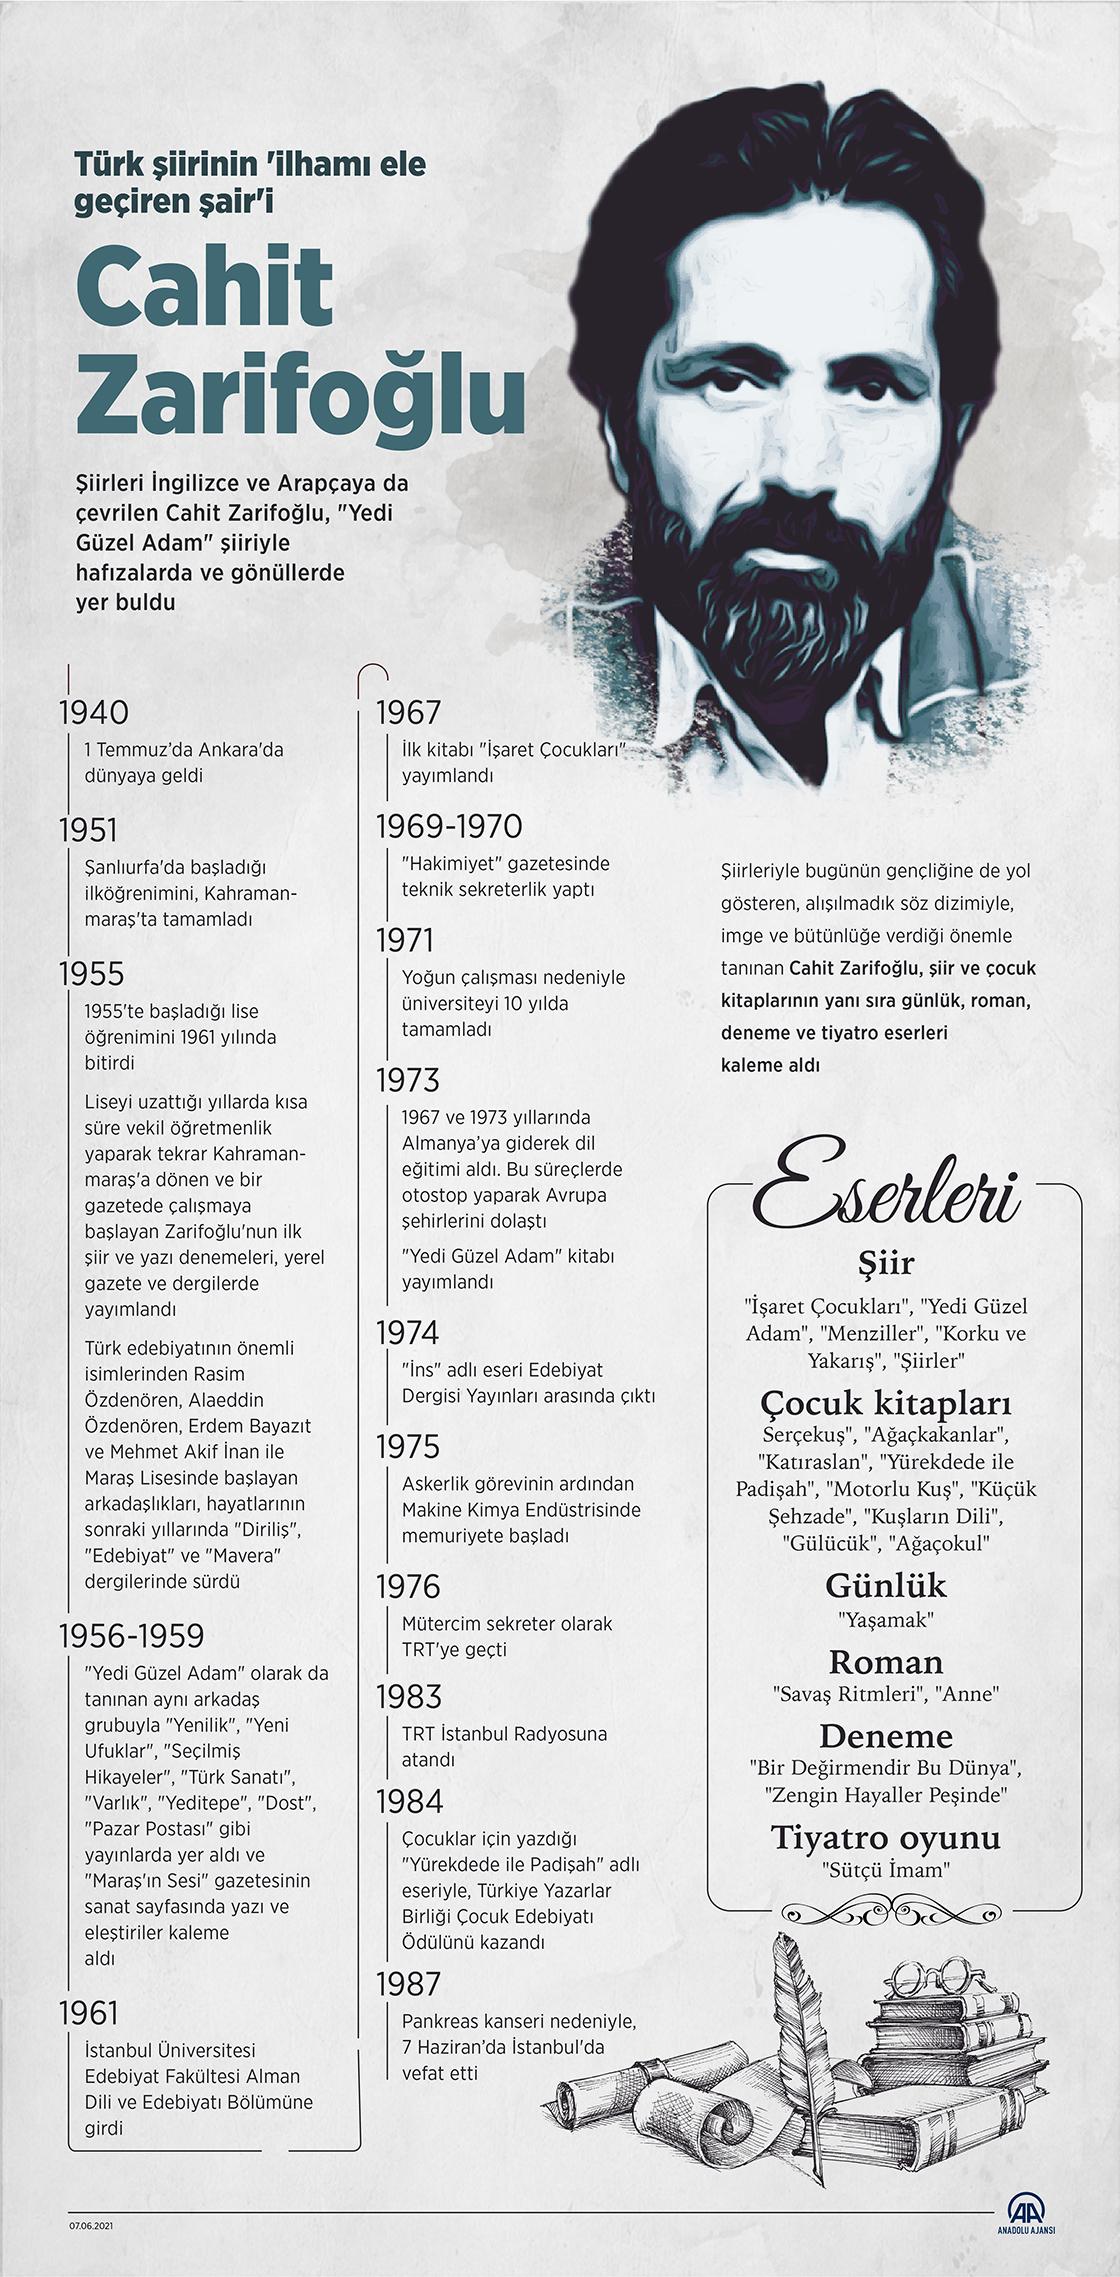 Şair ve yazar Cahit Zarifoğlu, vefat yıl dönümünde anılıyor